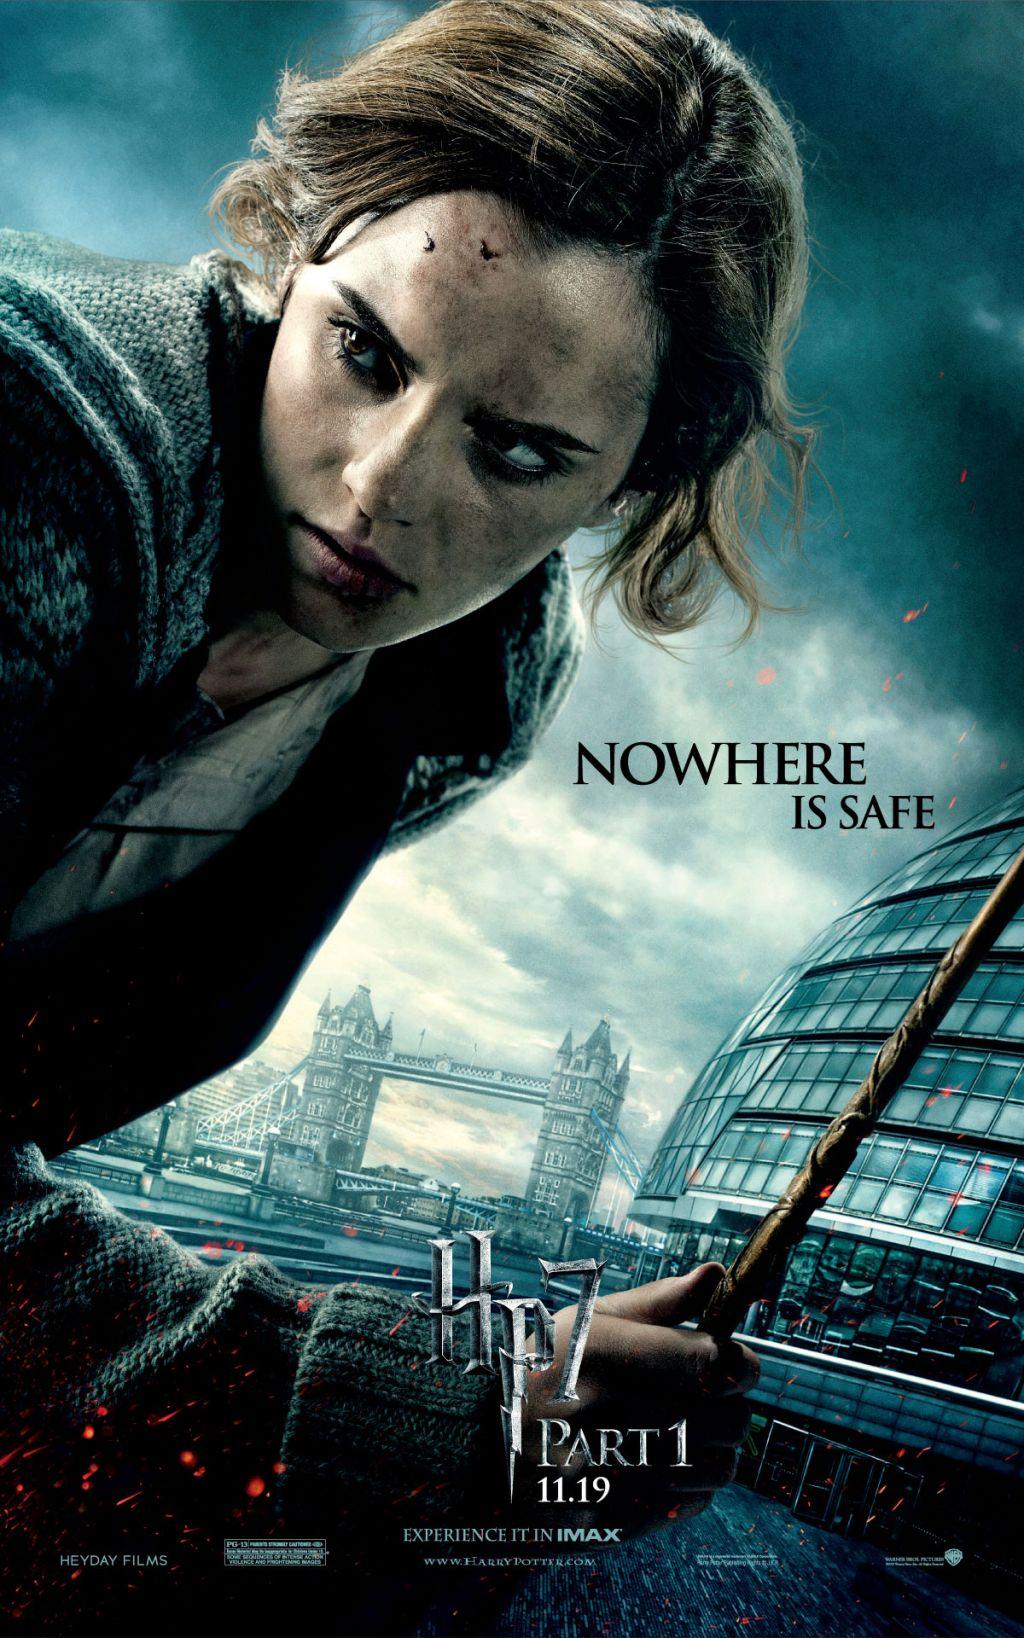 «Смотреть Гарри Поттер 7 В Хорошем Качестве Онлайн» — 2009